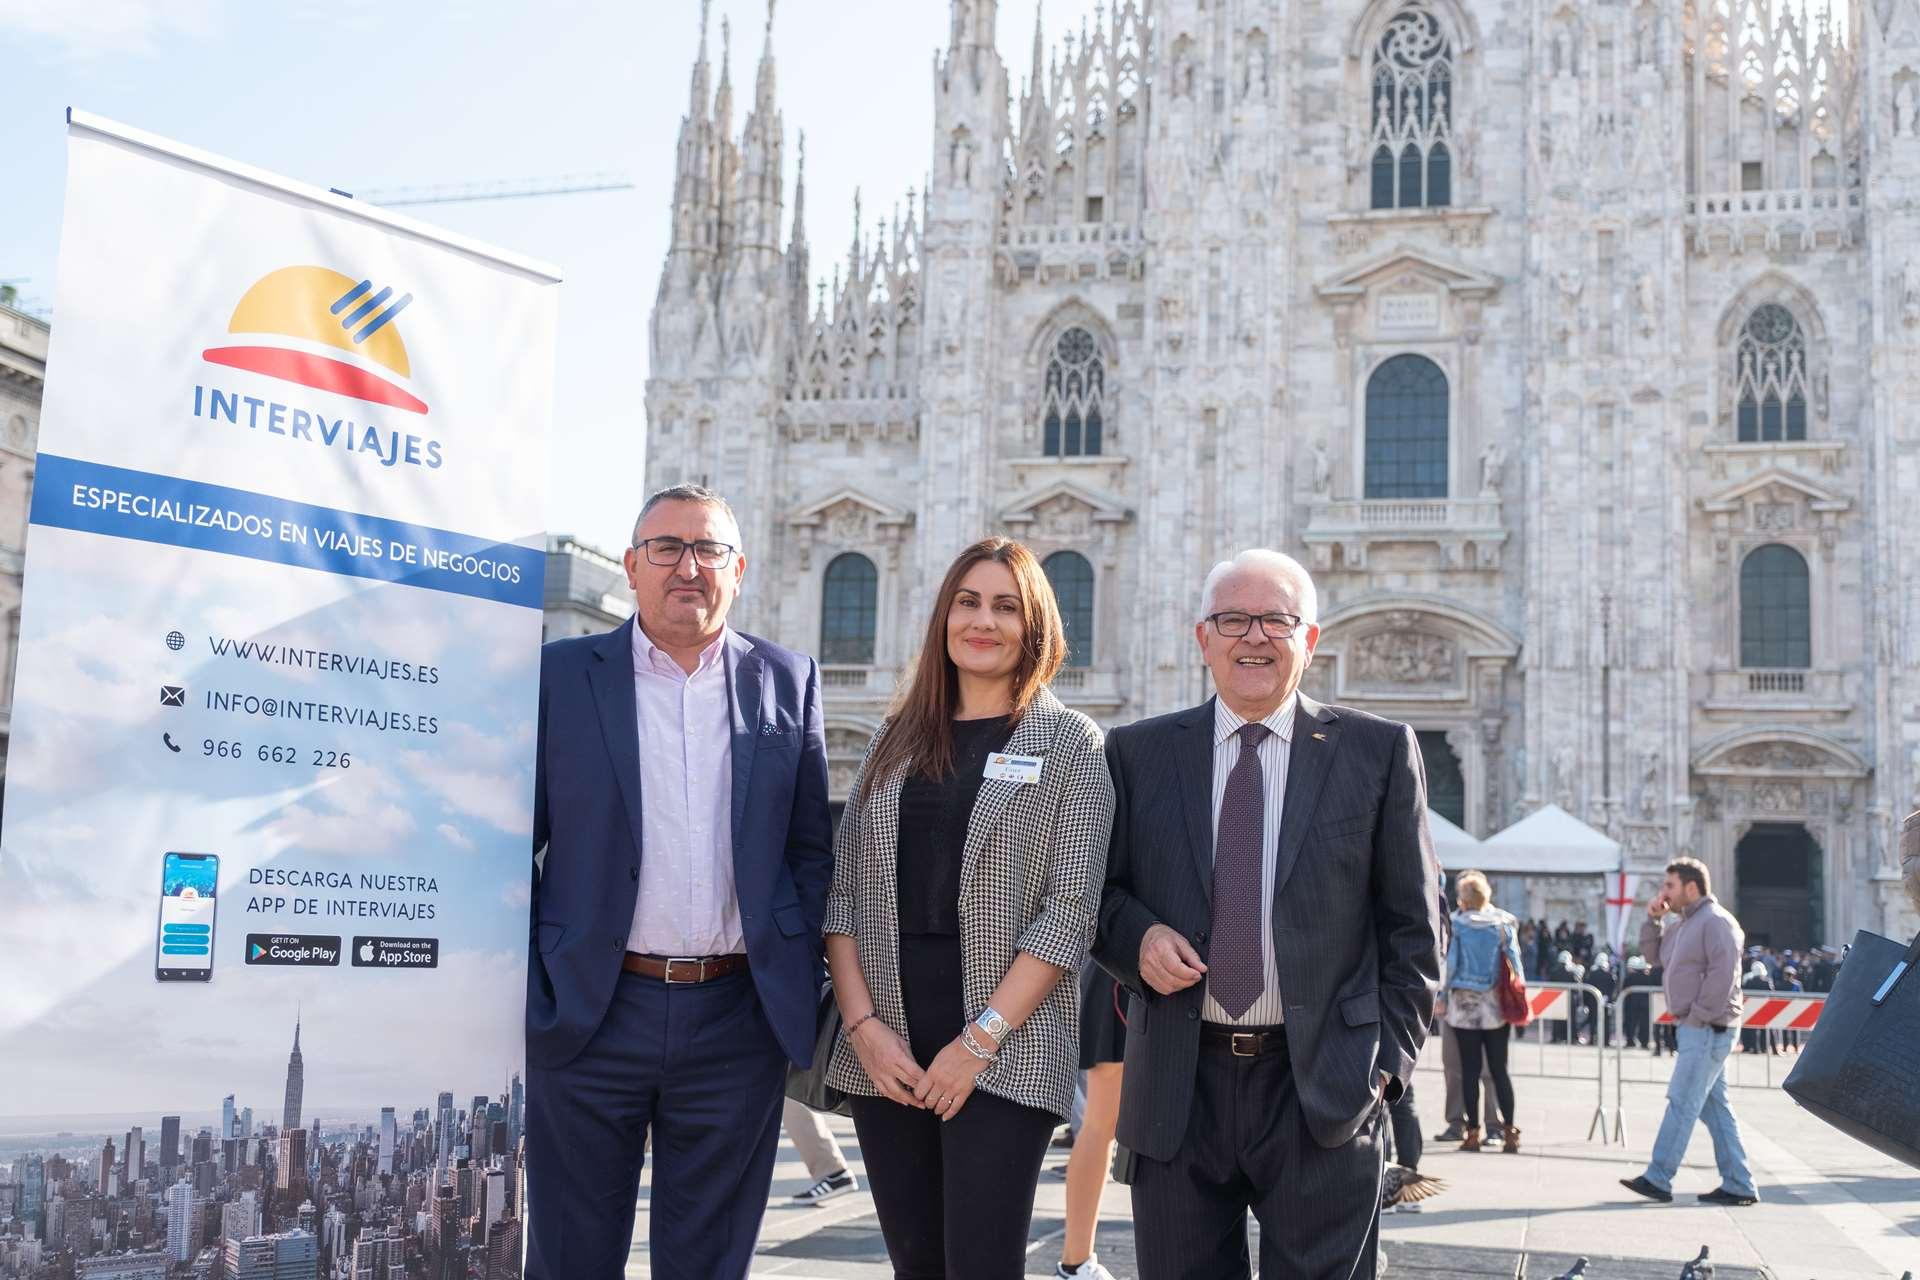 Milán Febrero 2021